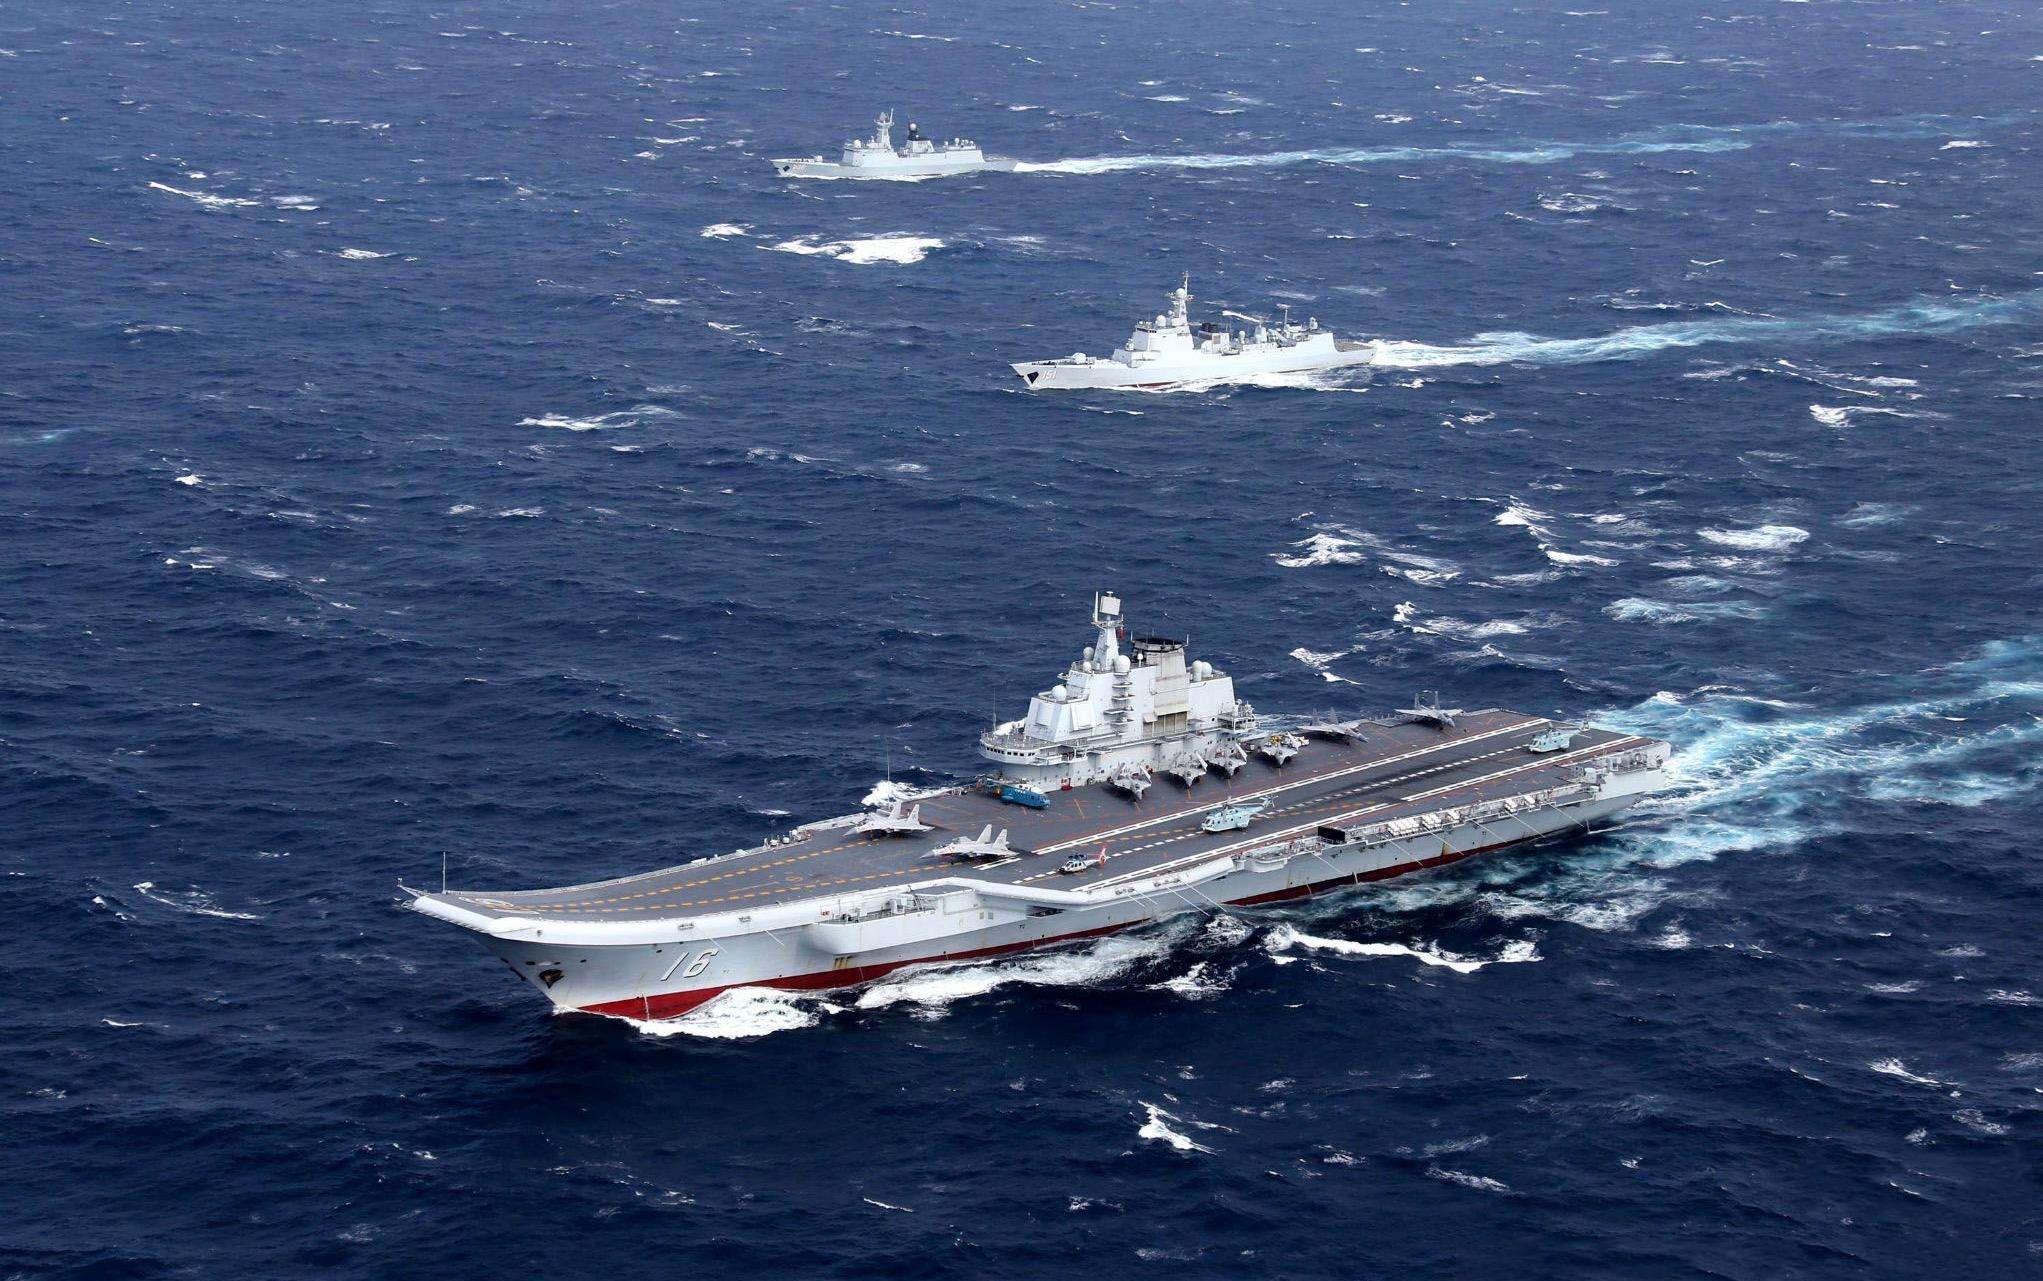 美舰悍然闯入南海,主权岂容挑衅!12月22日,南部战区火速行动